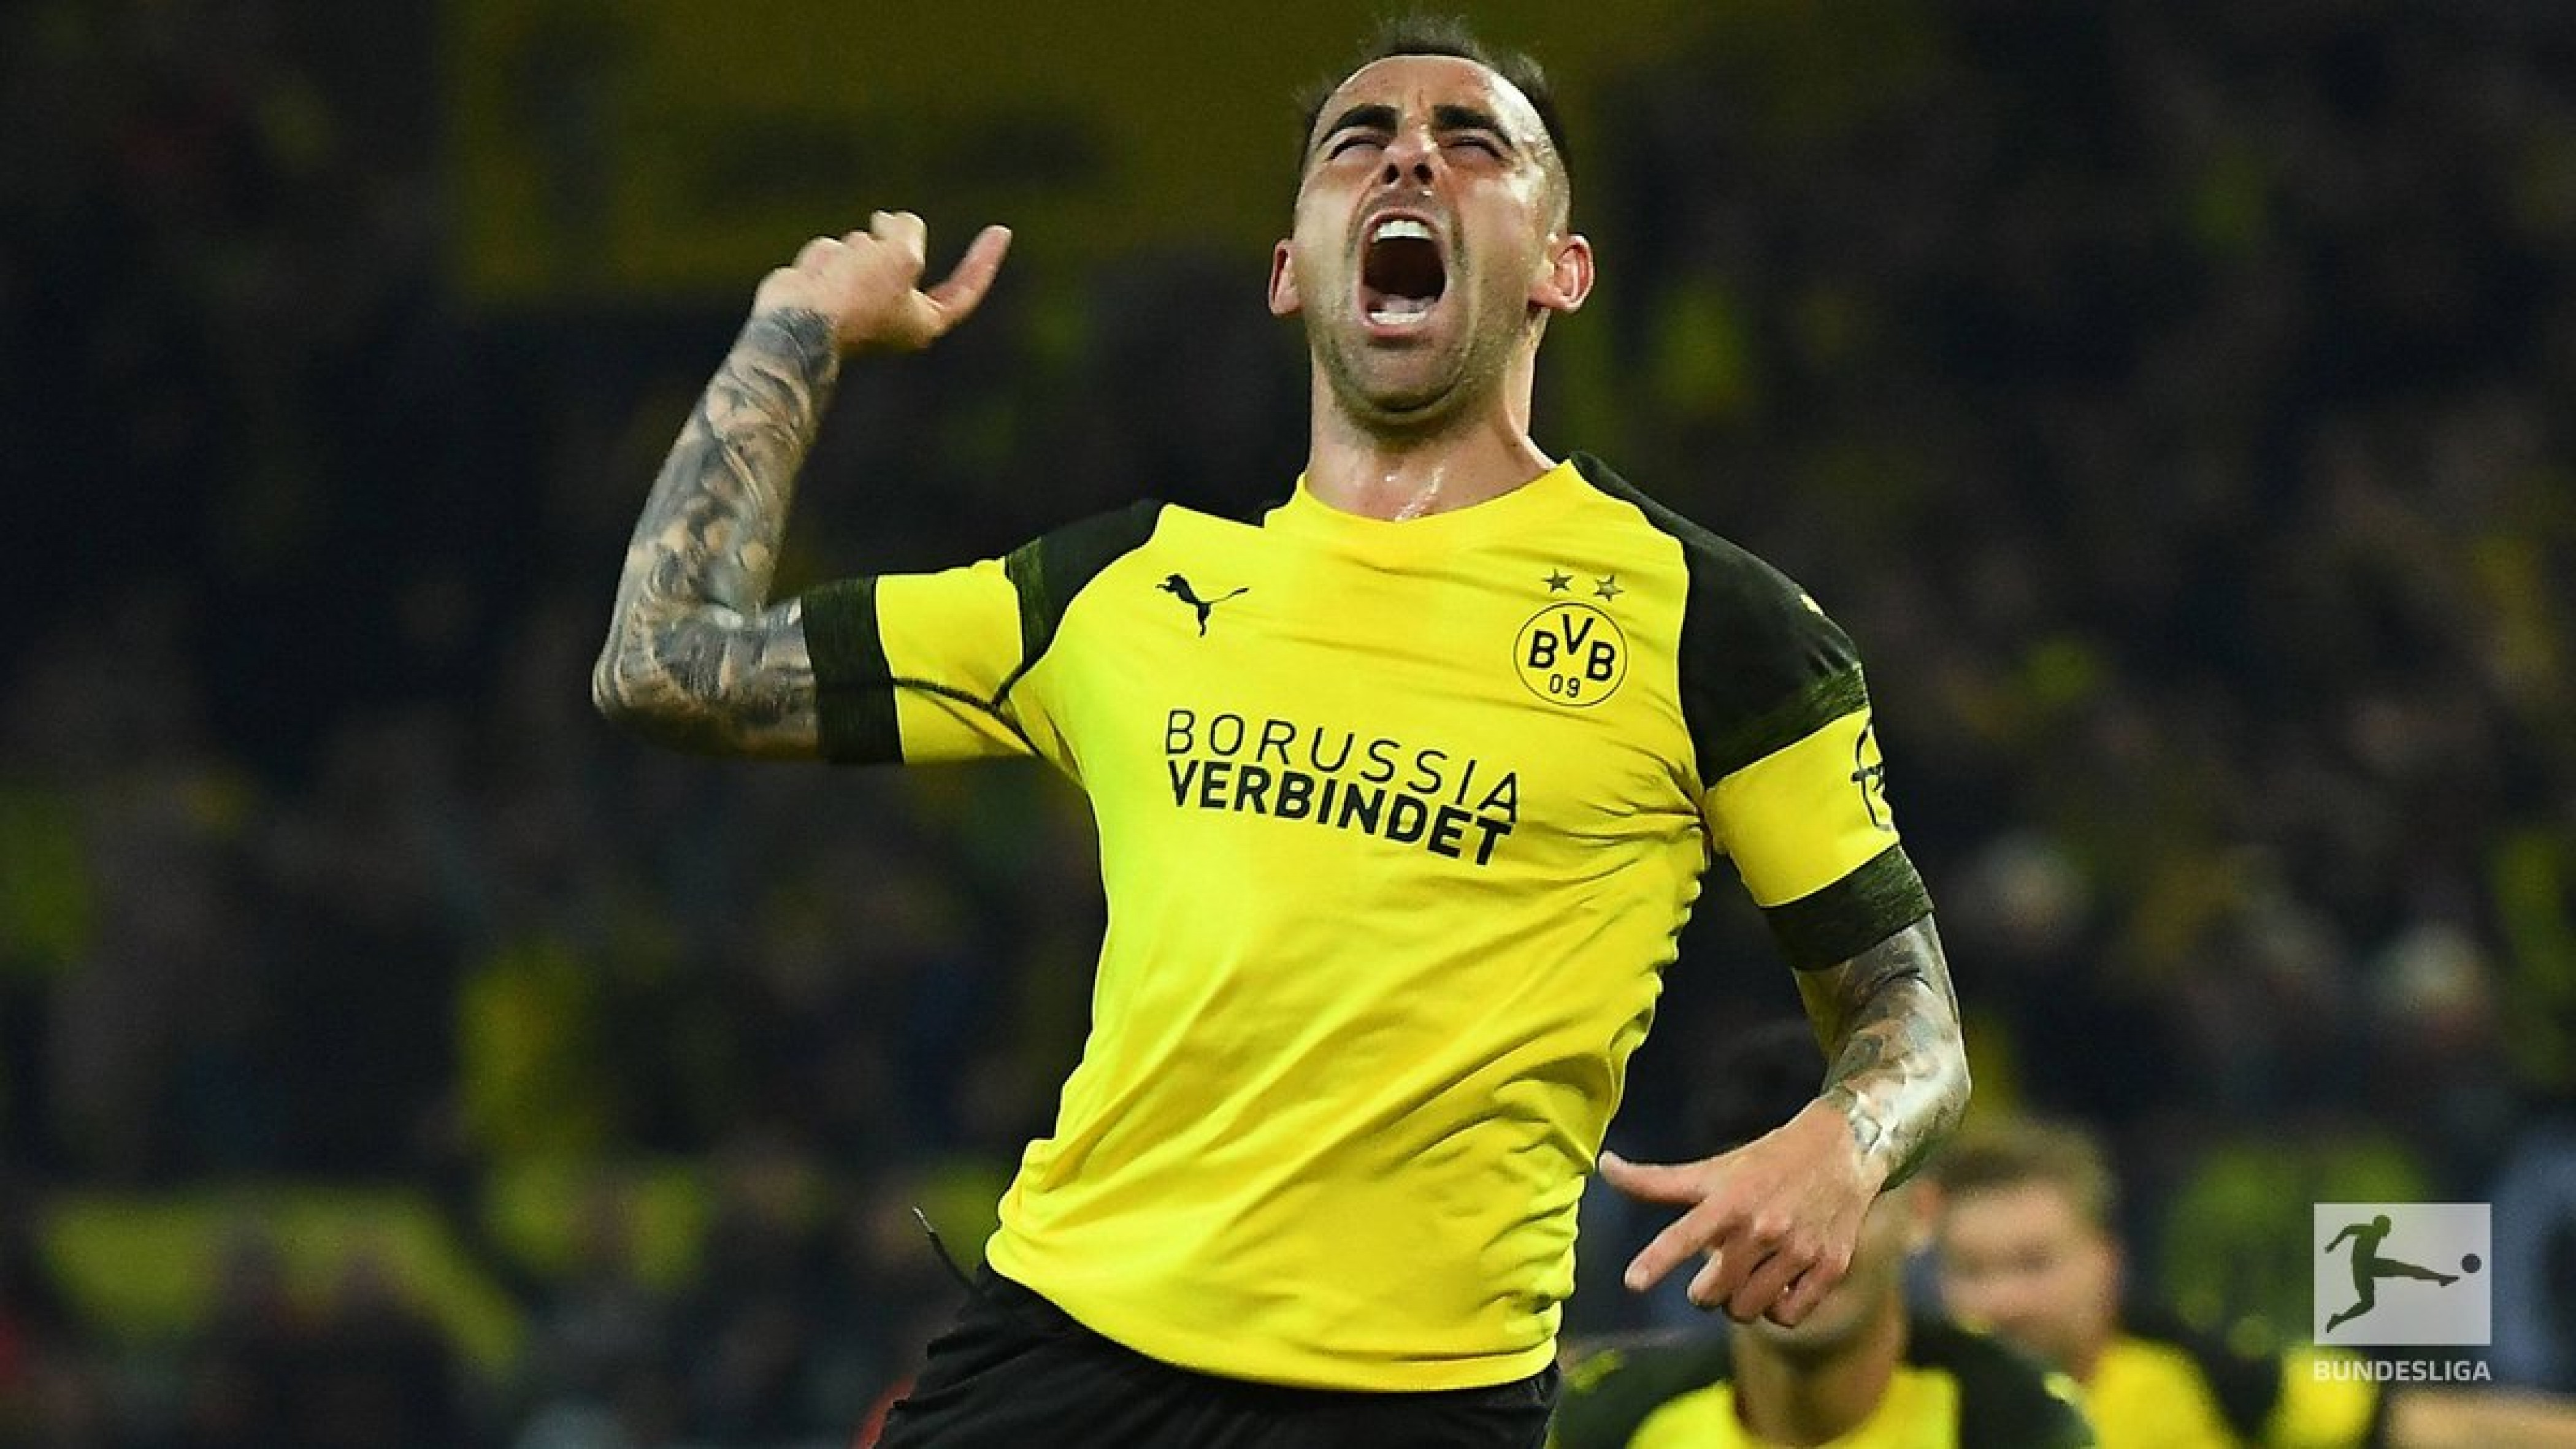 Borussia Dortmund 3-1 Eintracht Frankfurt: Late surge sees off die Adler